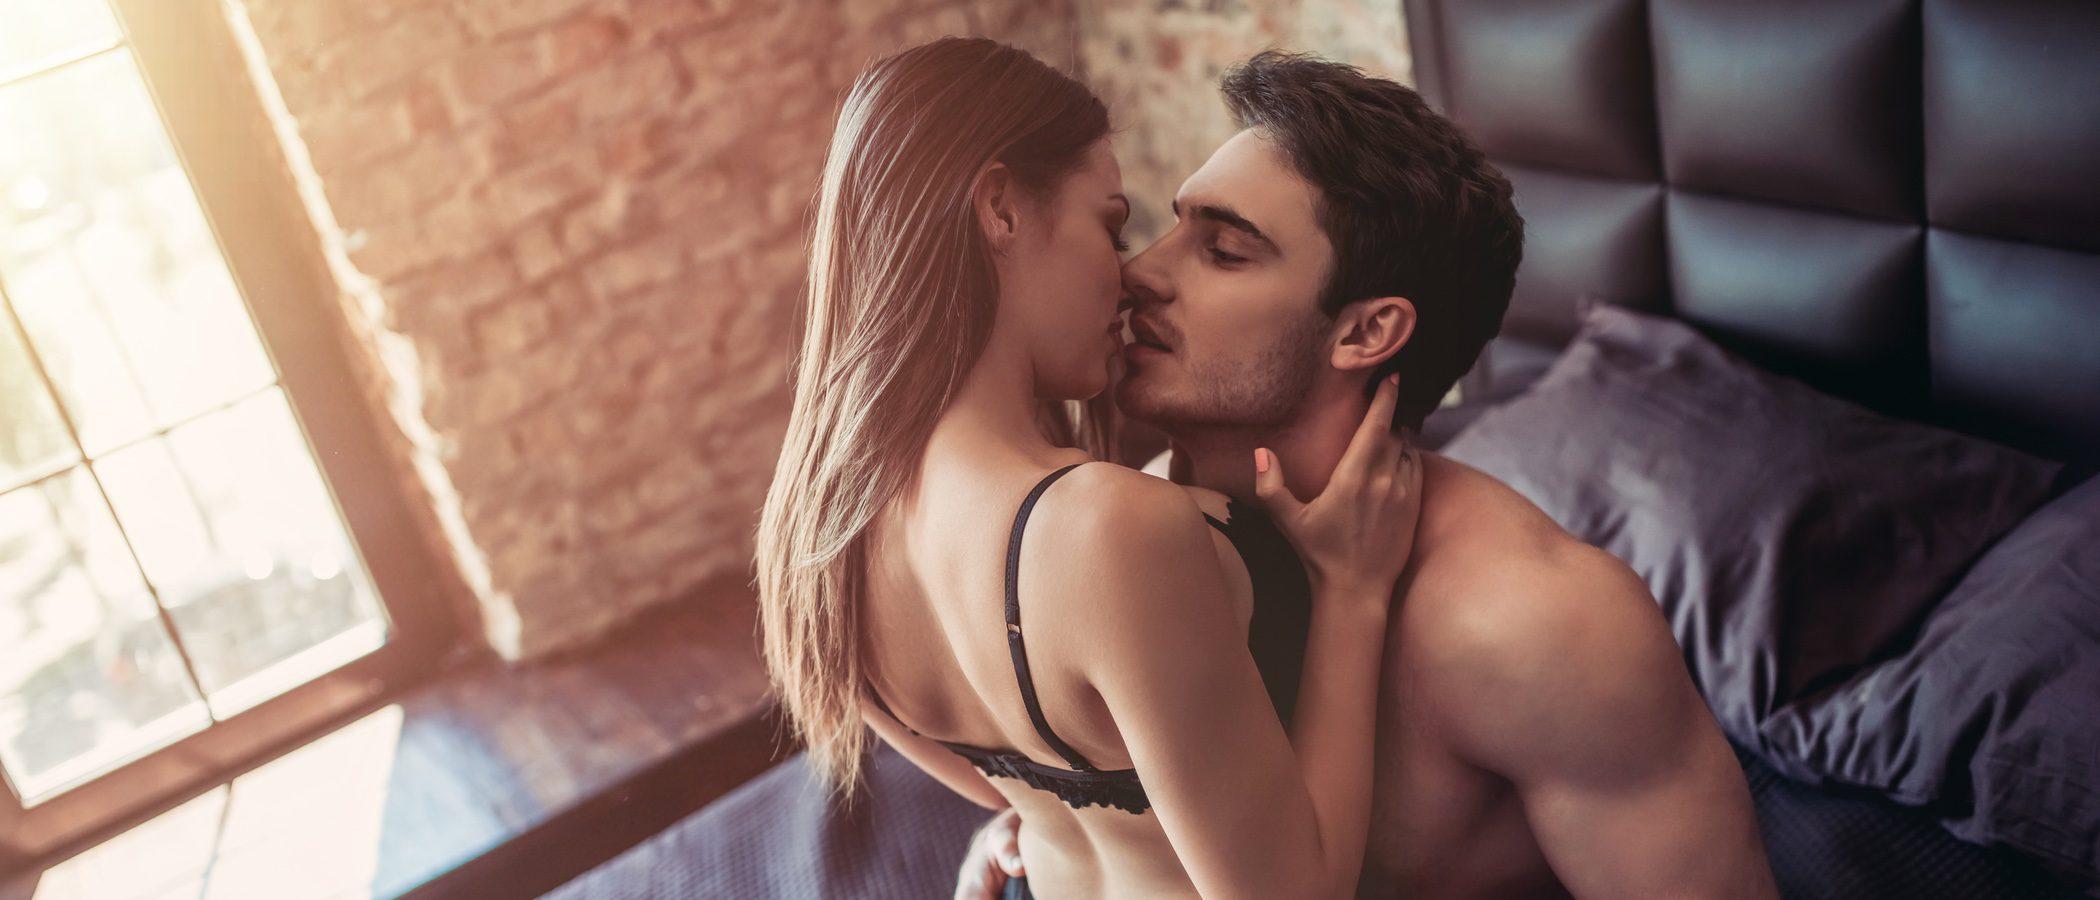 Horóscopo sexual marzo 2018: Libra